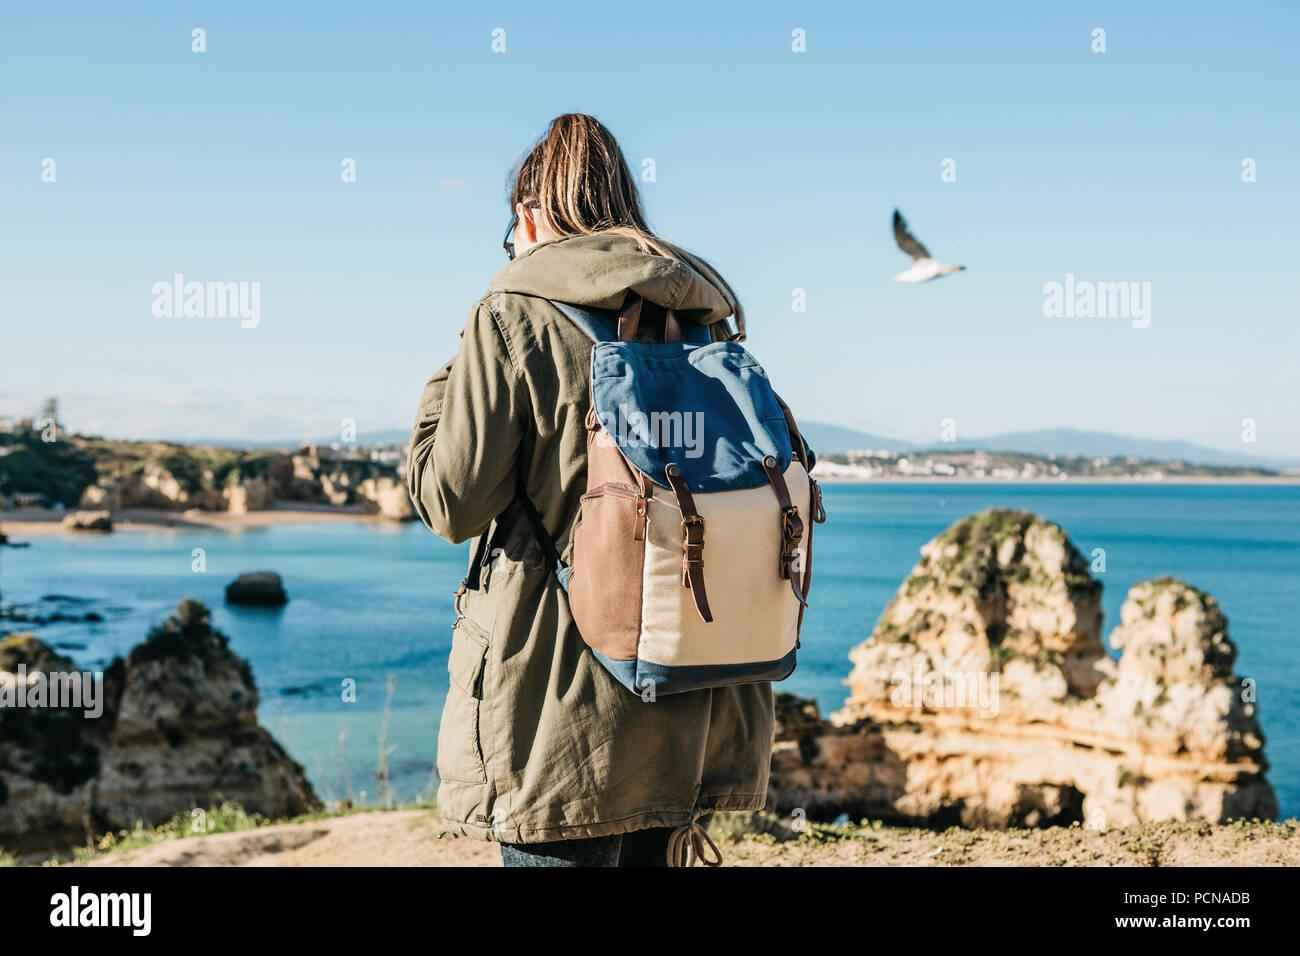 Ein Tourist oder Reisende mit einem Rucksack Wanderungen entlang der Küste des Atlantischen Ozeans und bewundert die schöne Aussicht auf das Meer in der Nähe der Stadt Lagos in Portugal genannt. Stockbild